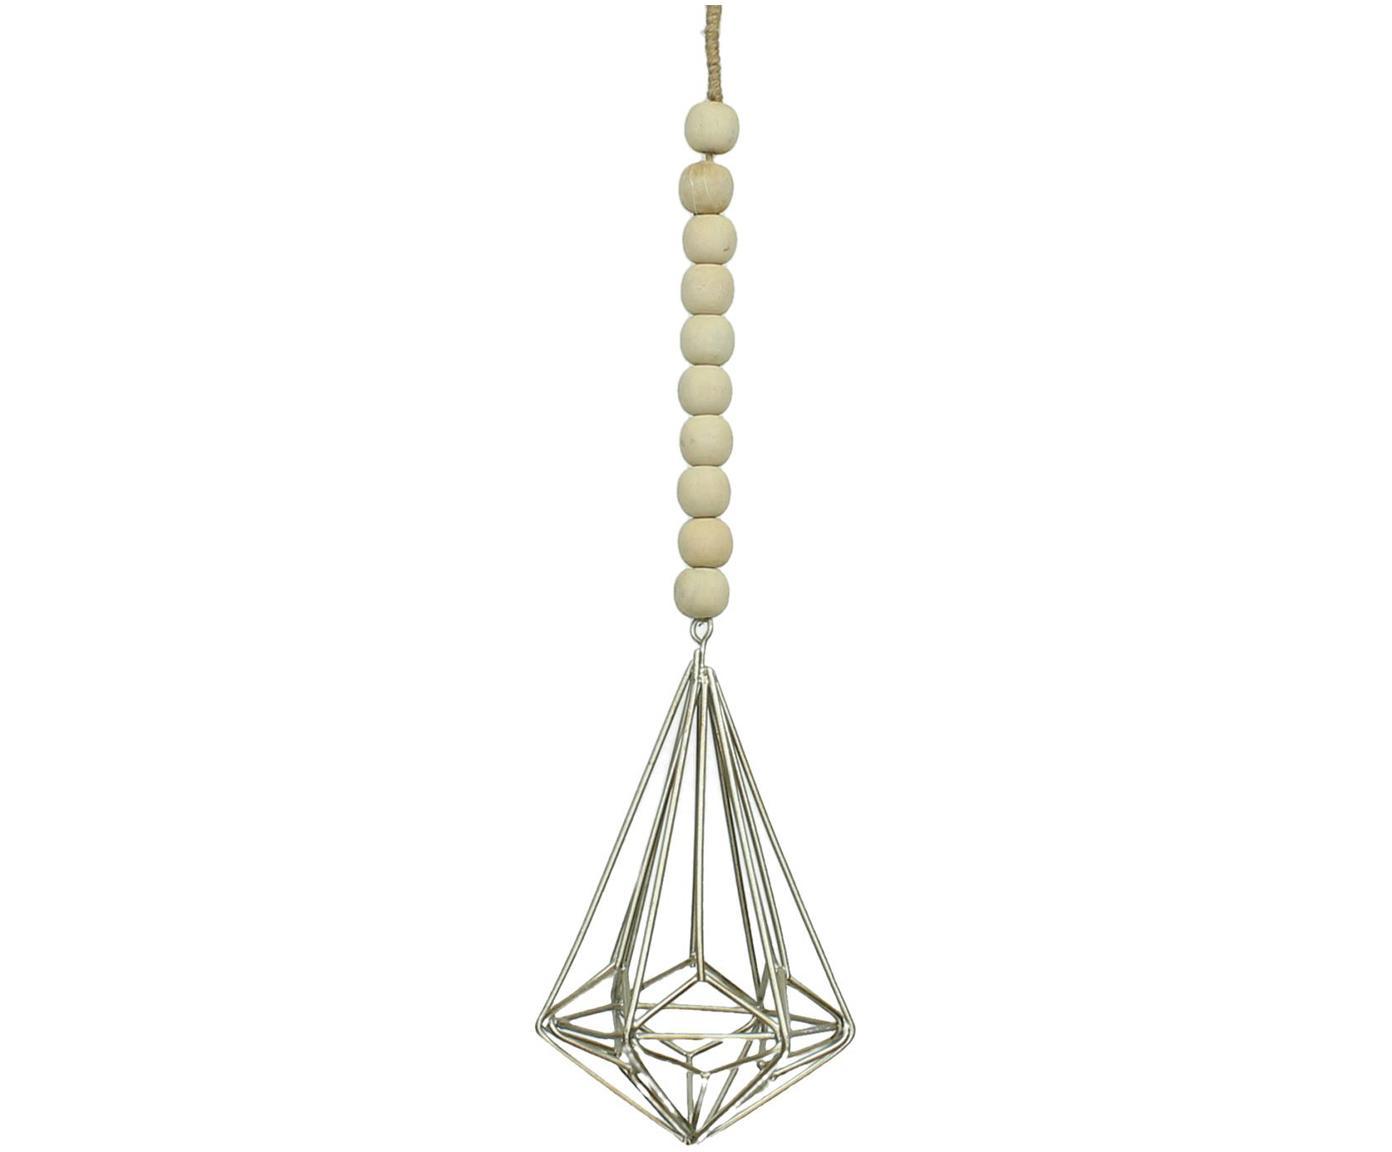 Baumanhänger Ornament, Holz, Metall, Beige, Silberfarben, 9 x 9 cm